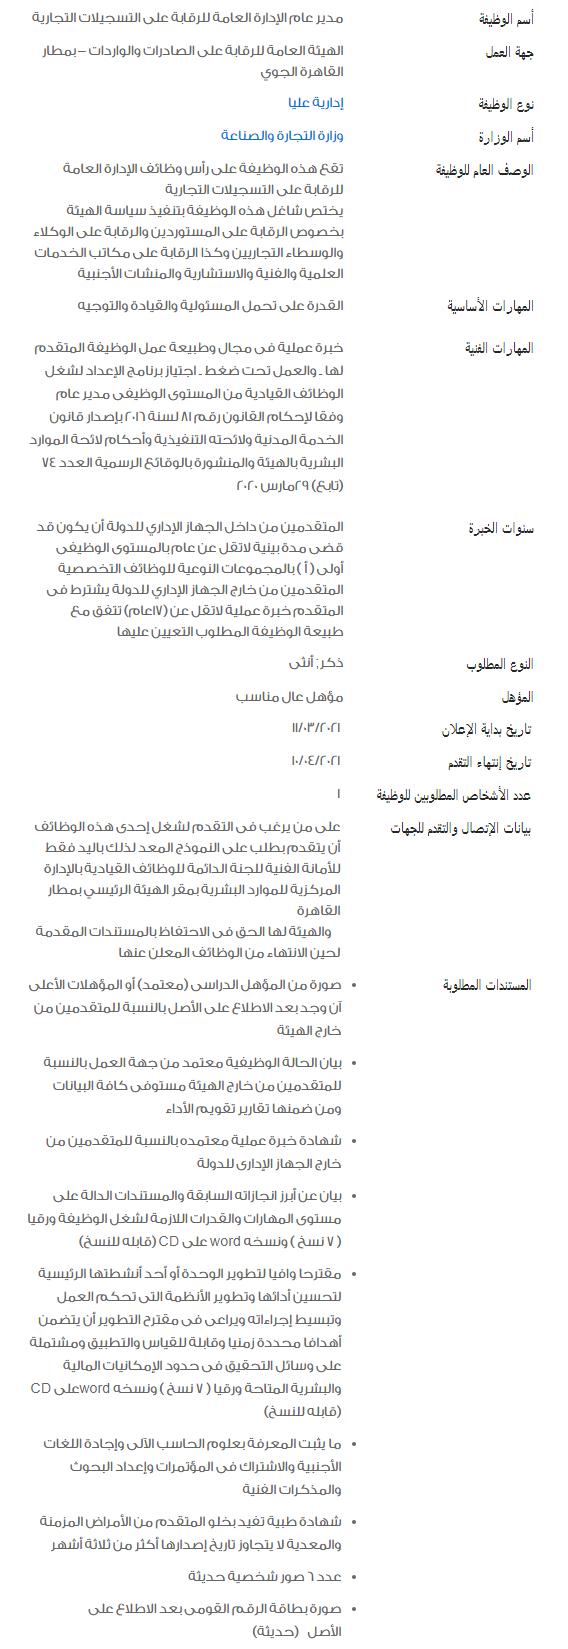 وظائف الحكومة المصرية لشهر أبريل 2021 وظائف بوابة الحكومة المصرية 7